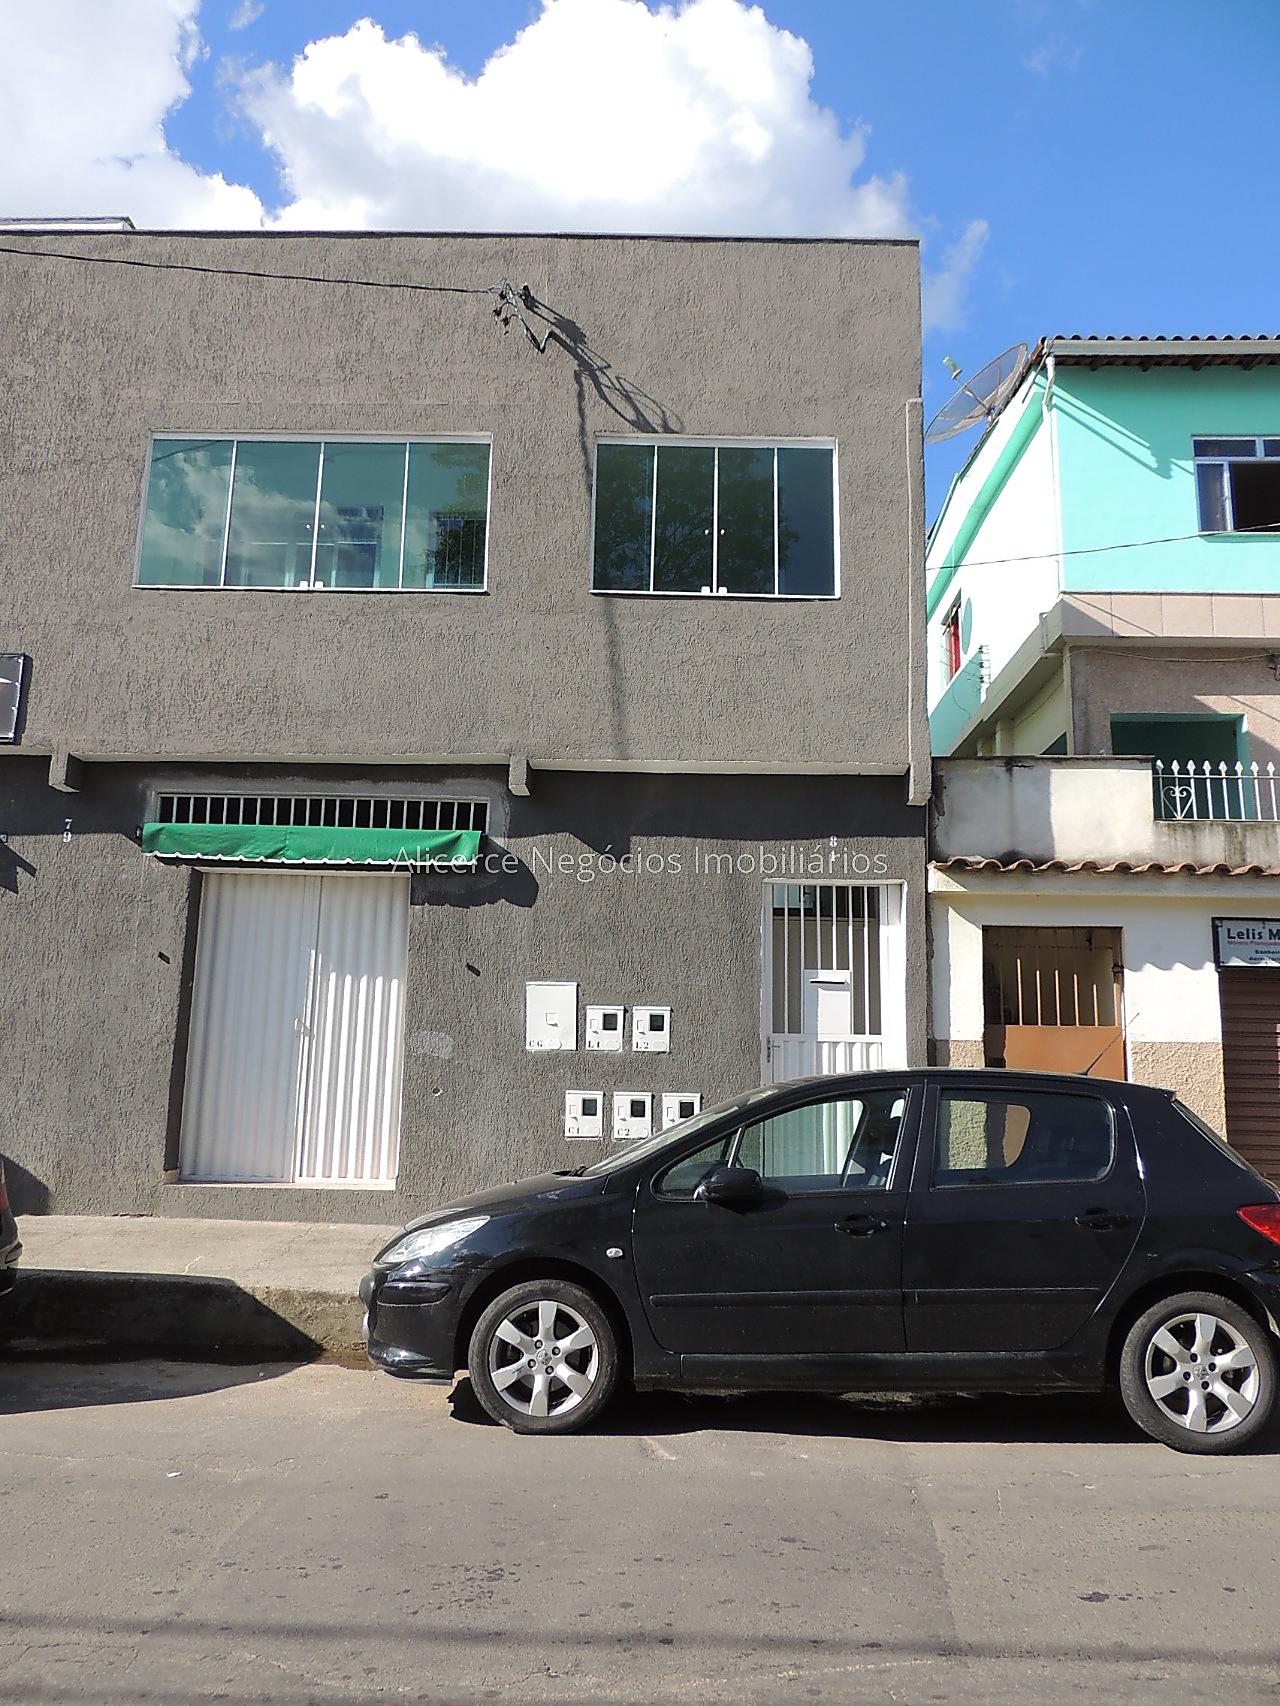 Ref.: 6049 - Casa 1 qto - Ipiranga